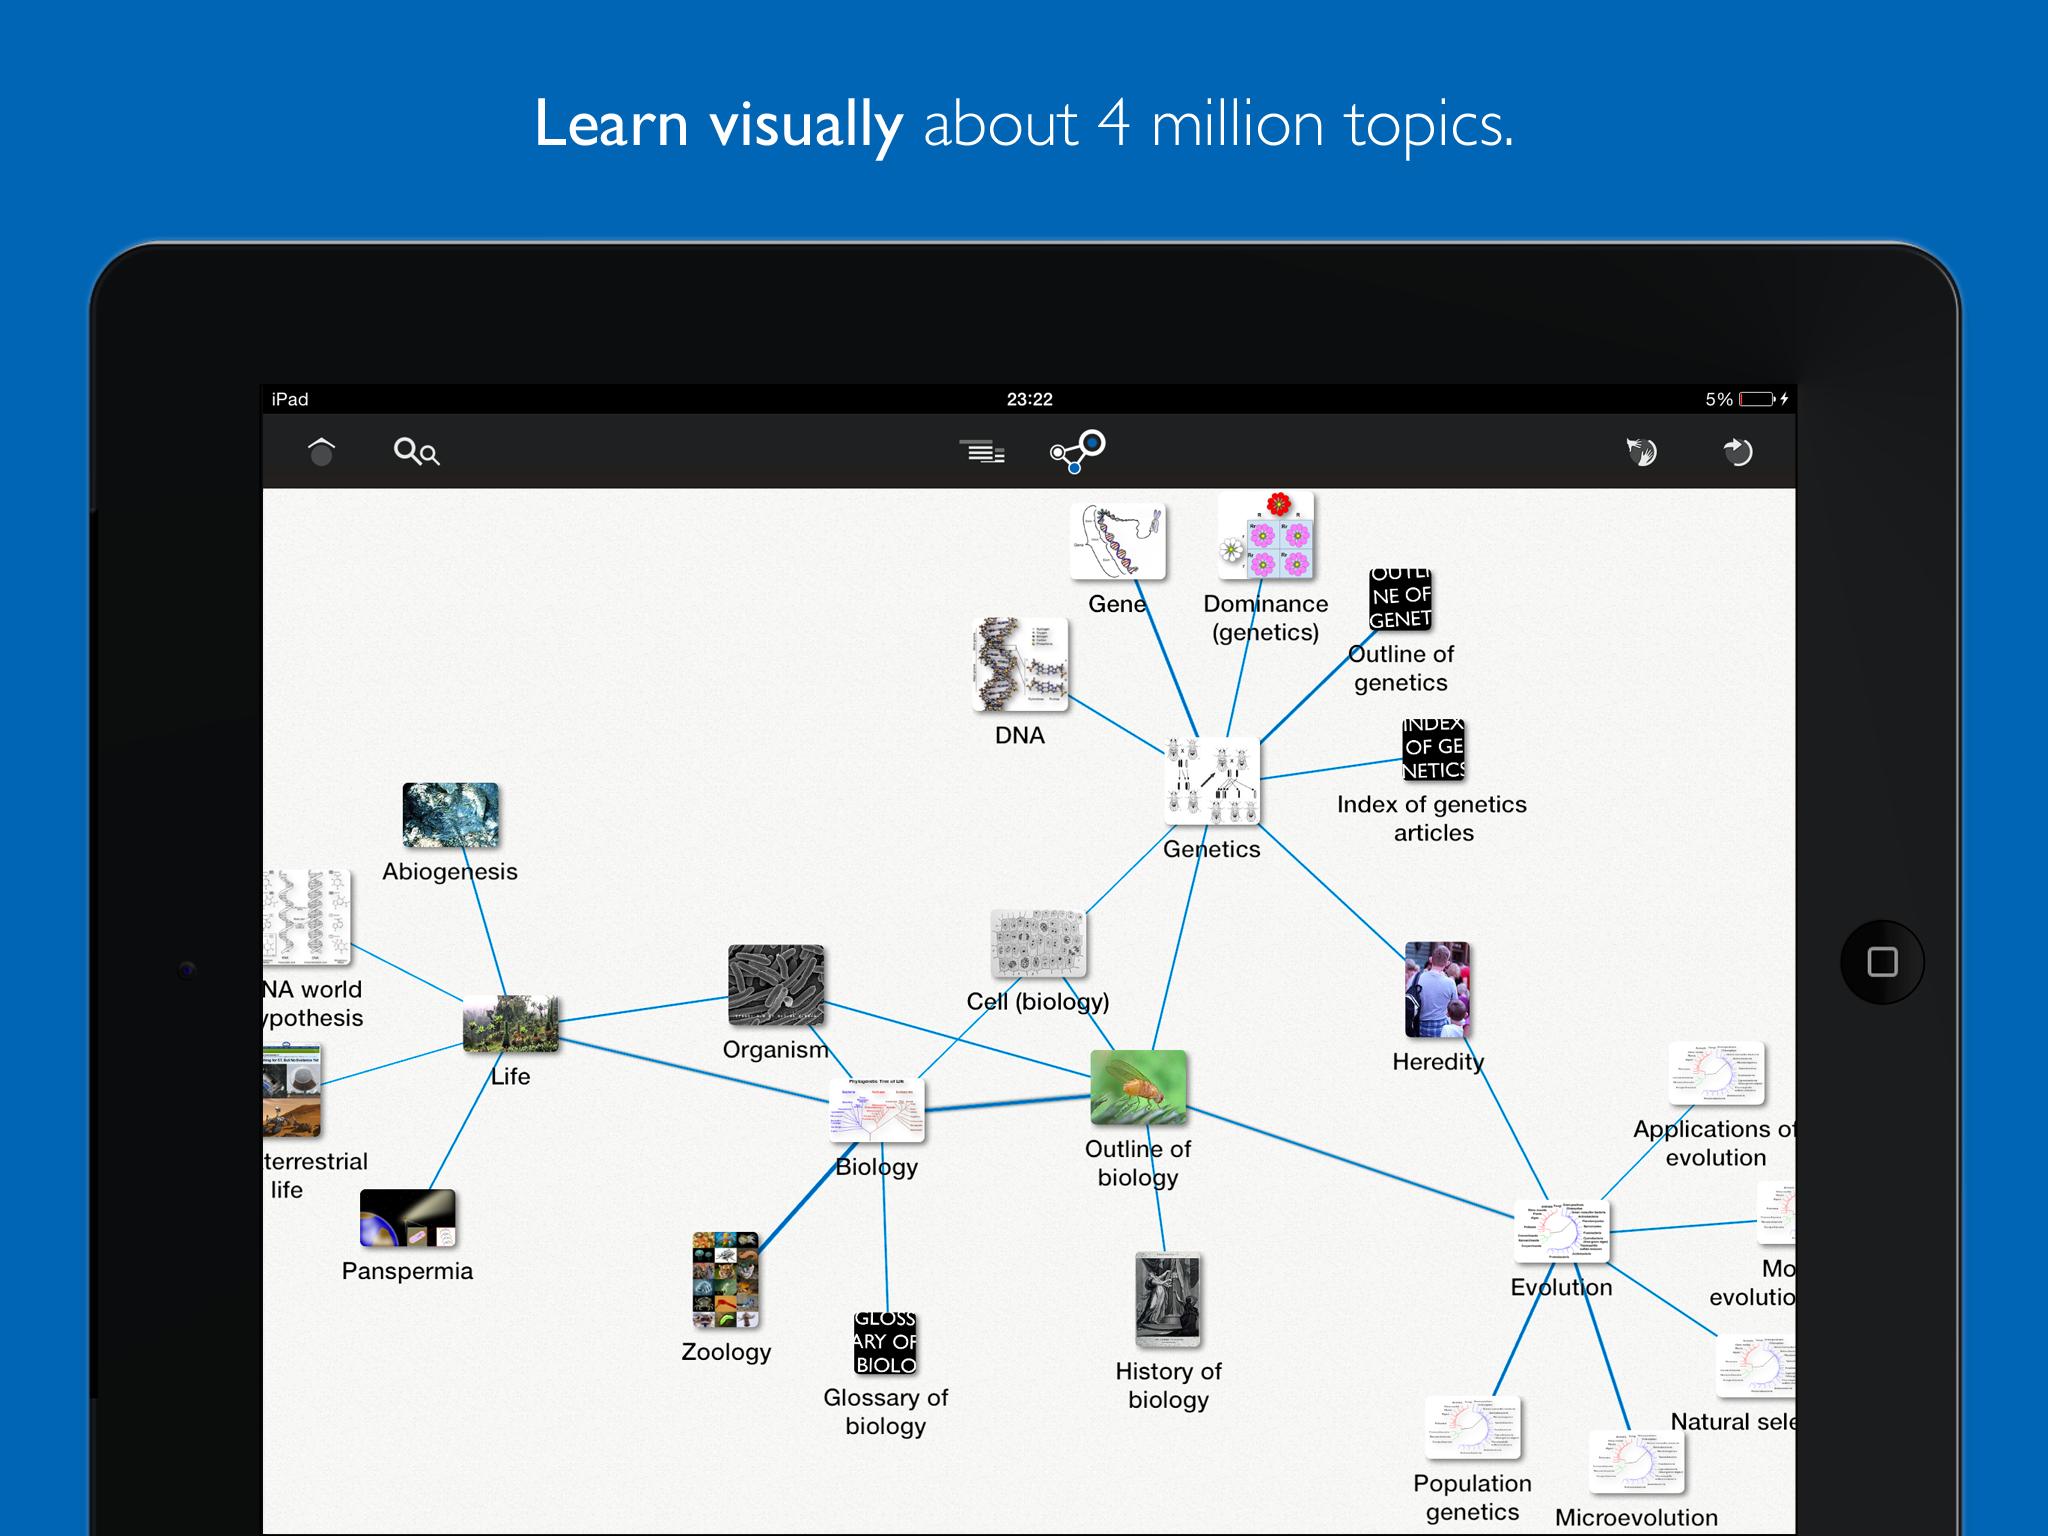 LearnDiscovery – Mindmap of Wikipedia